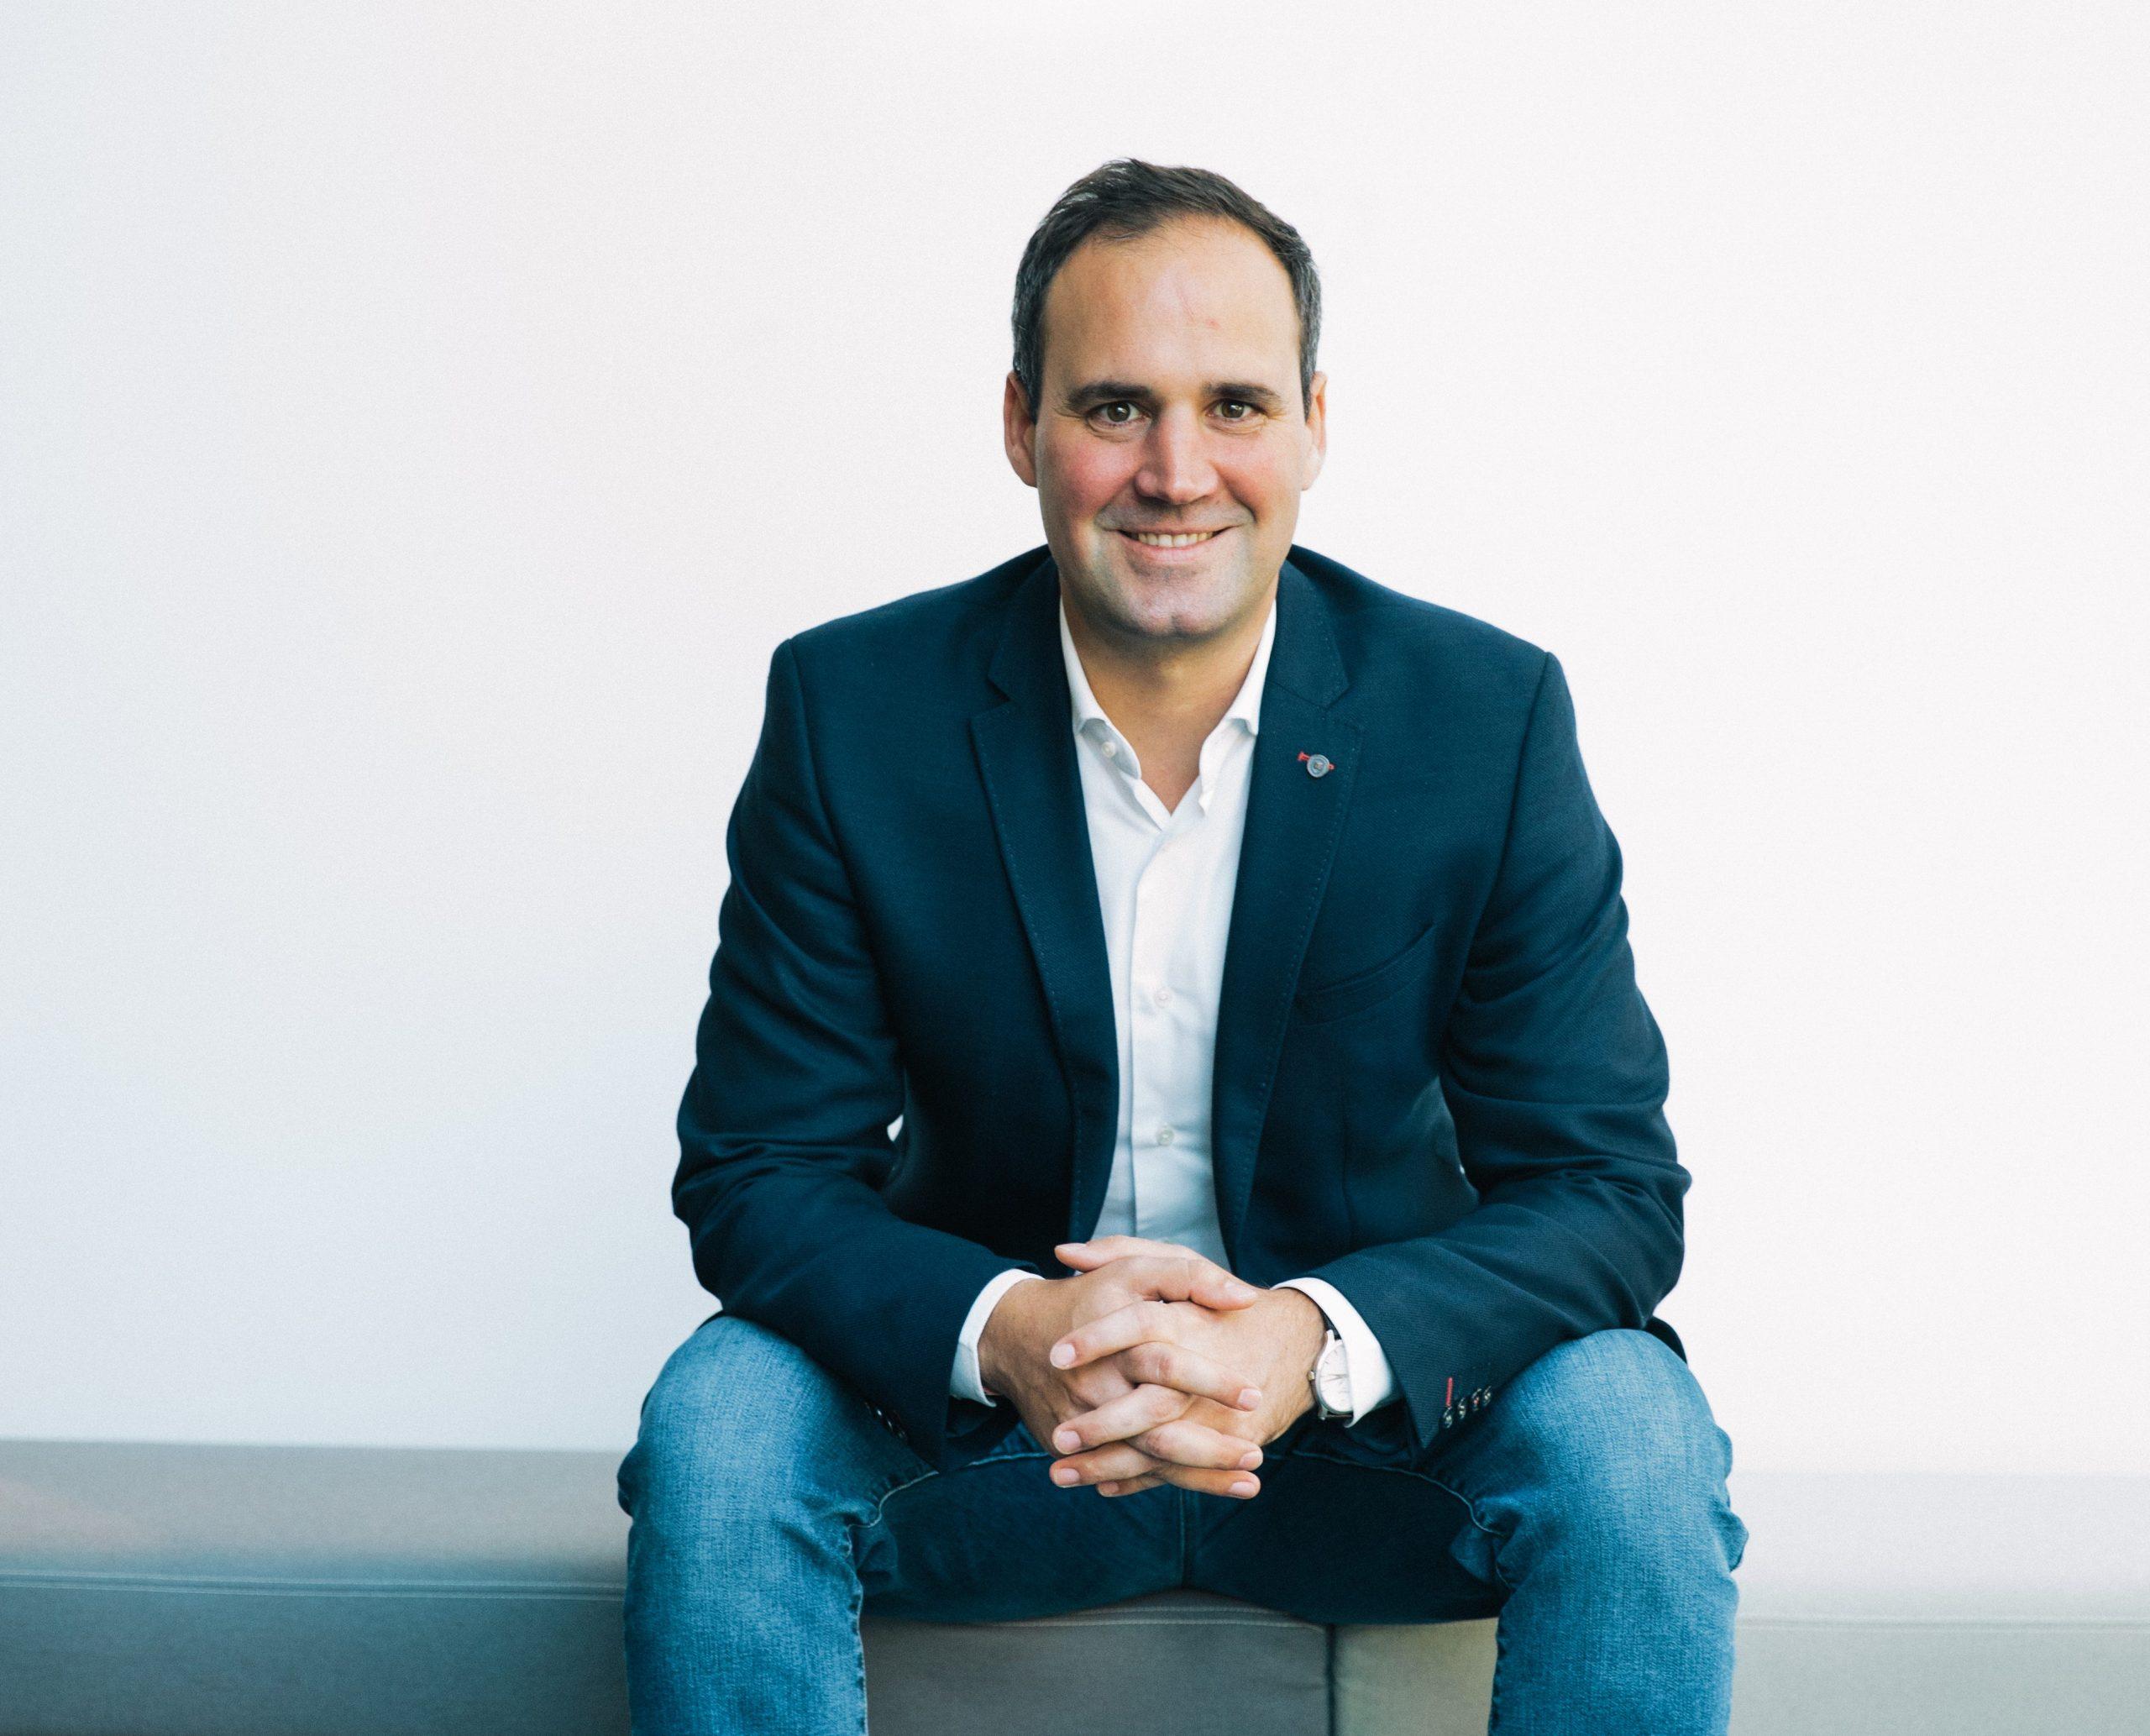 Ralf Aigner von Gympass erklärt wie Corporate Wellness sich auf die Mitarbeitergesundheit auswirkt